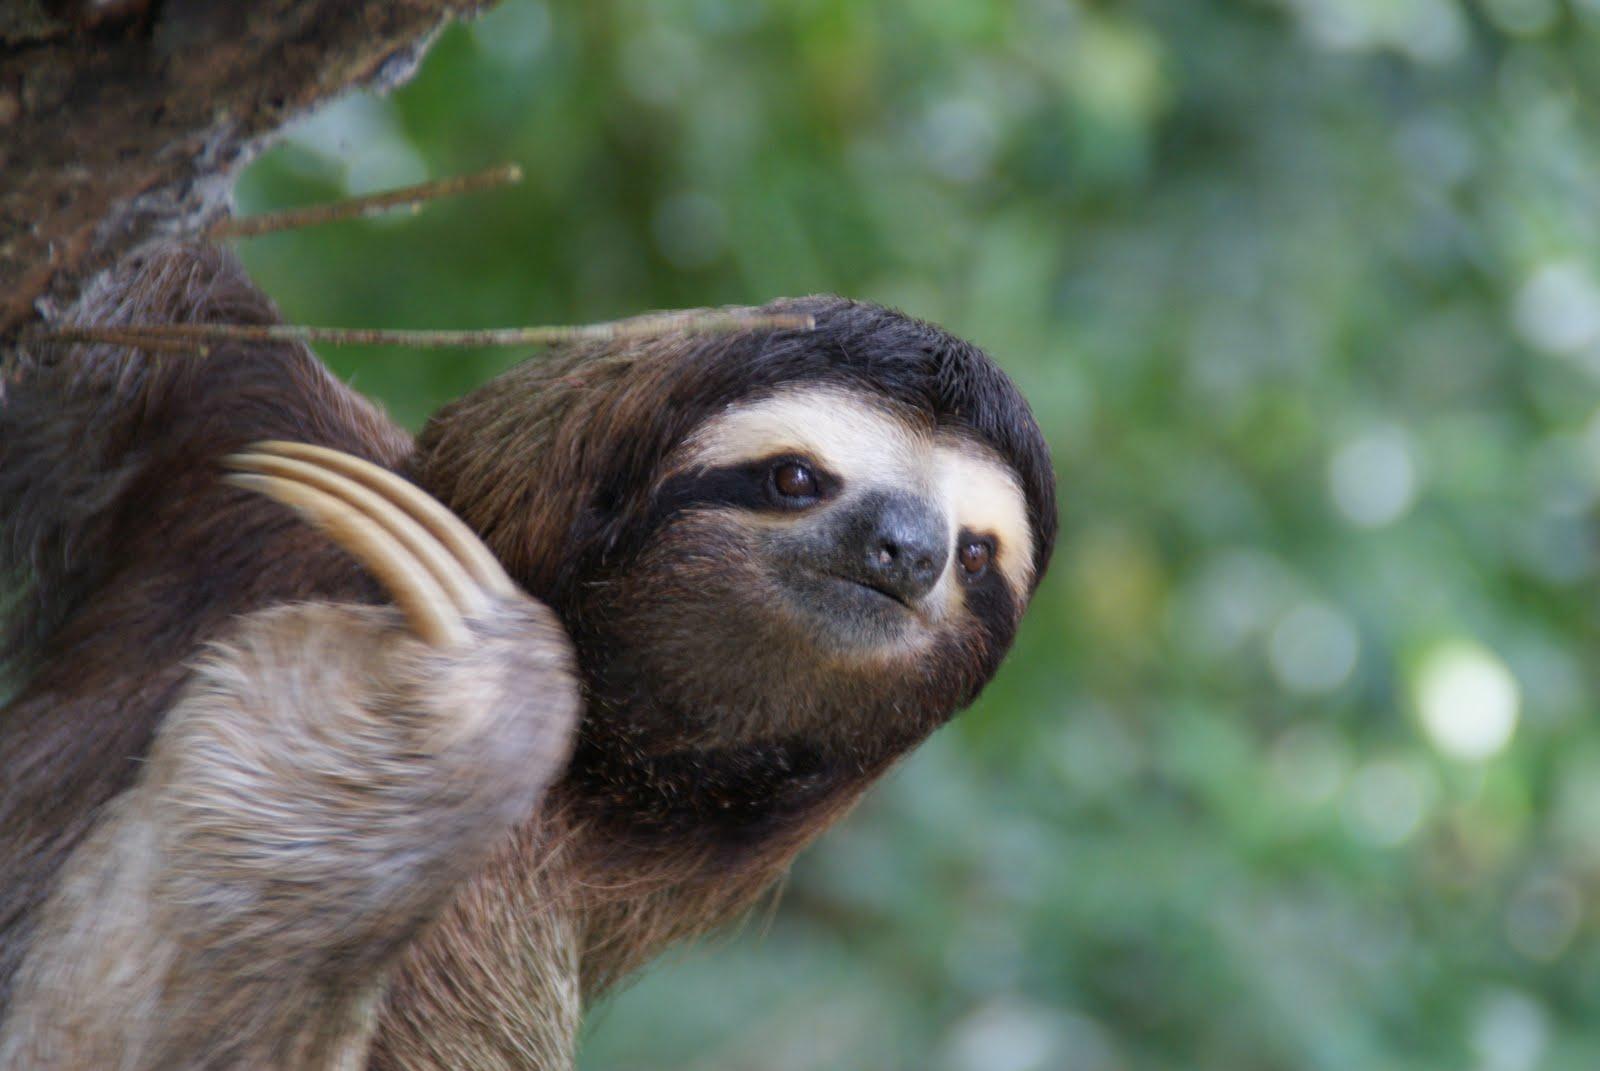 http://4.bp.blogspot.com/-EY_OTW6nMrY/TwwXqLGMUqI/AAAAAAAAAb4/DCth8agYyyw/s1600/Sloth+at+Cahuita+beautiful+animal+photo.JPG